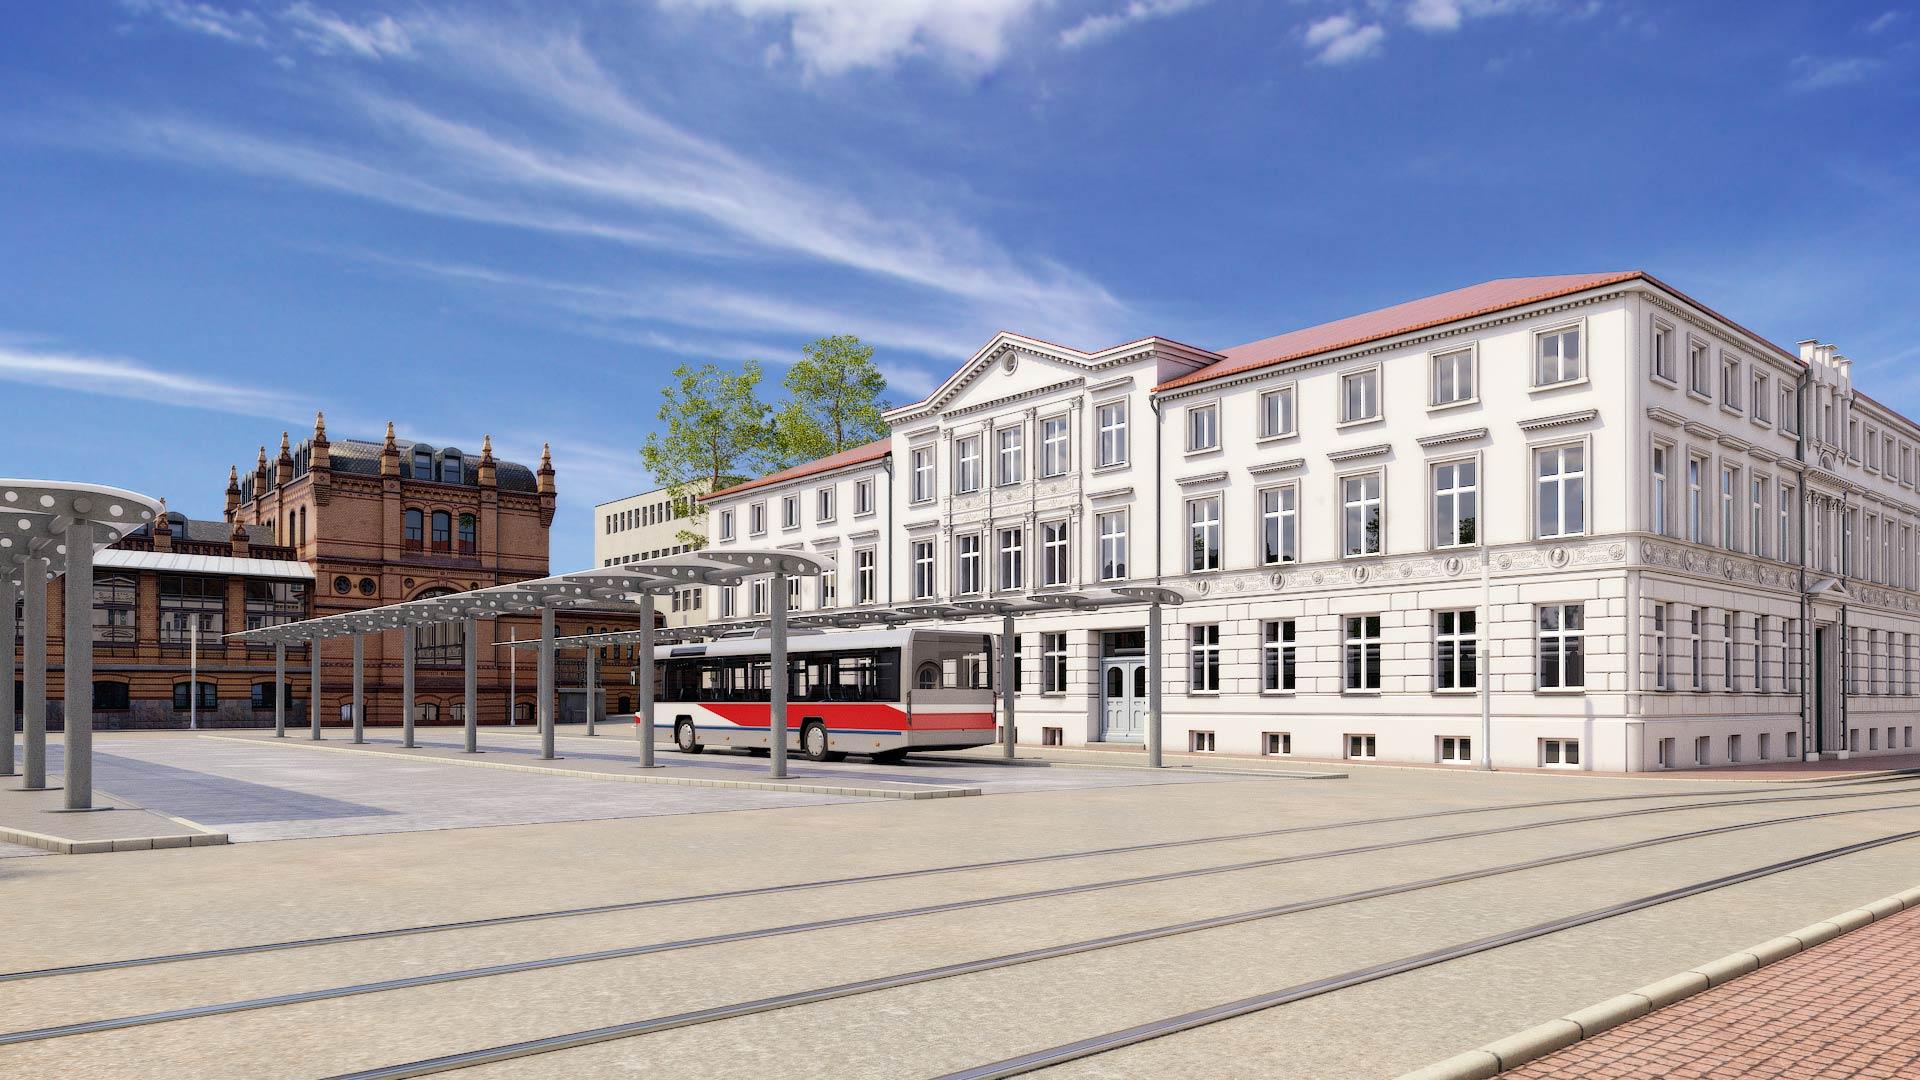 Haus_Grunthalplatz_Wismarsche_Strasse_3D_Architekturvisualisierung_Schwerin Schwerin Grunthalplatz 3D Architekturvisualisierung